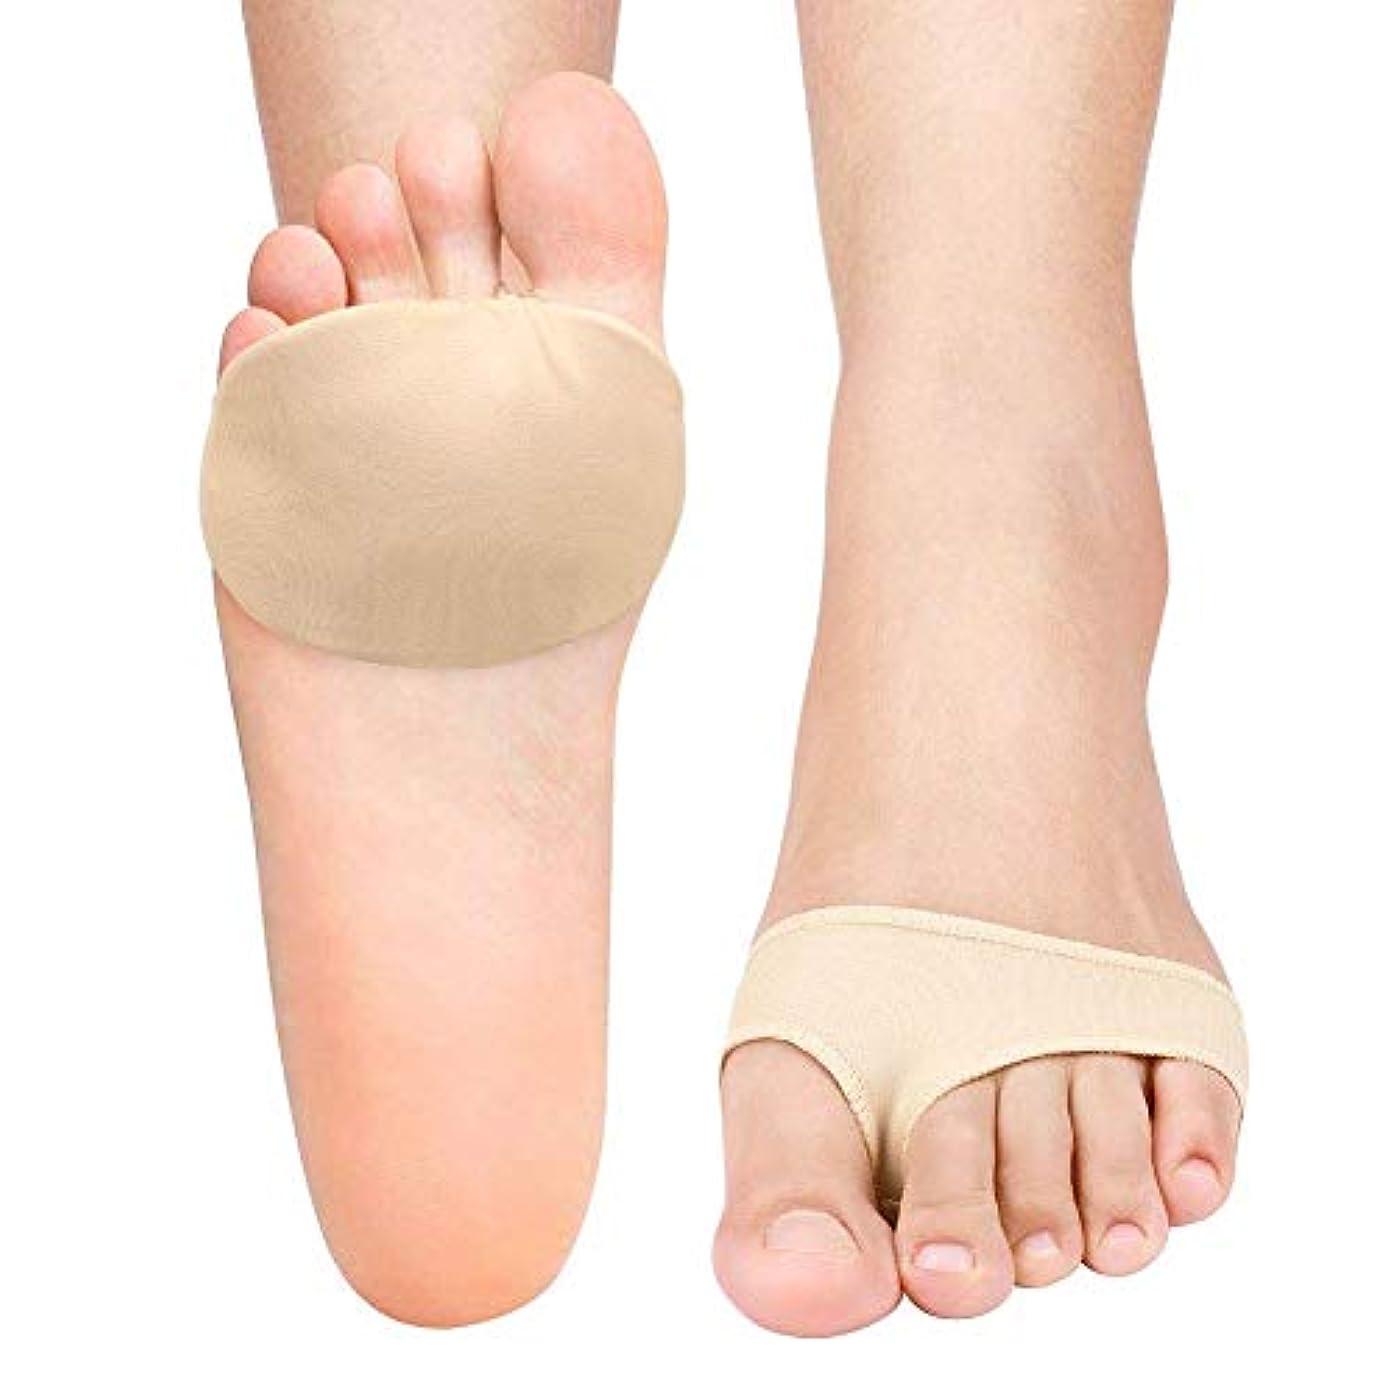 ビルマピボットアルミニウムYosoo 足裏保護パッド 足裏 保護 サポーター 前ズレ防止 つま先の痛み緩和 柔らかい つま先ジェルクッション シリコン フリーサイズ 2個入り